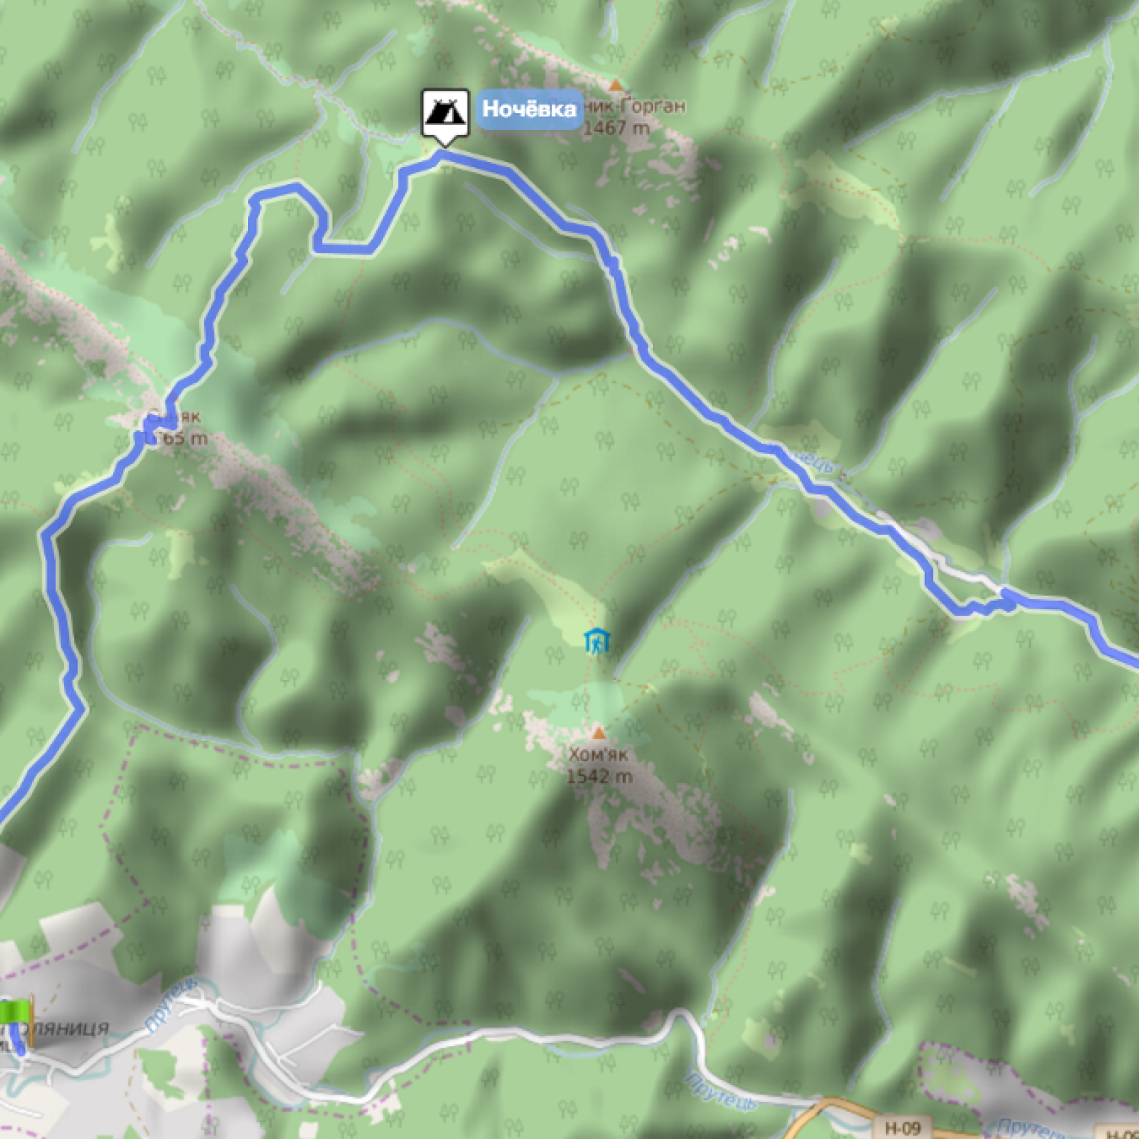 Карта маршрута. Ноябрь, Горганы, гора Синяк